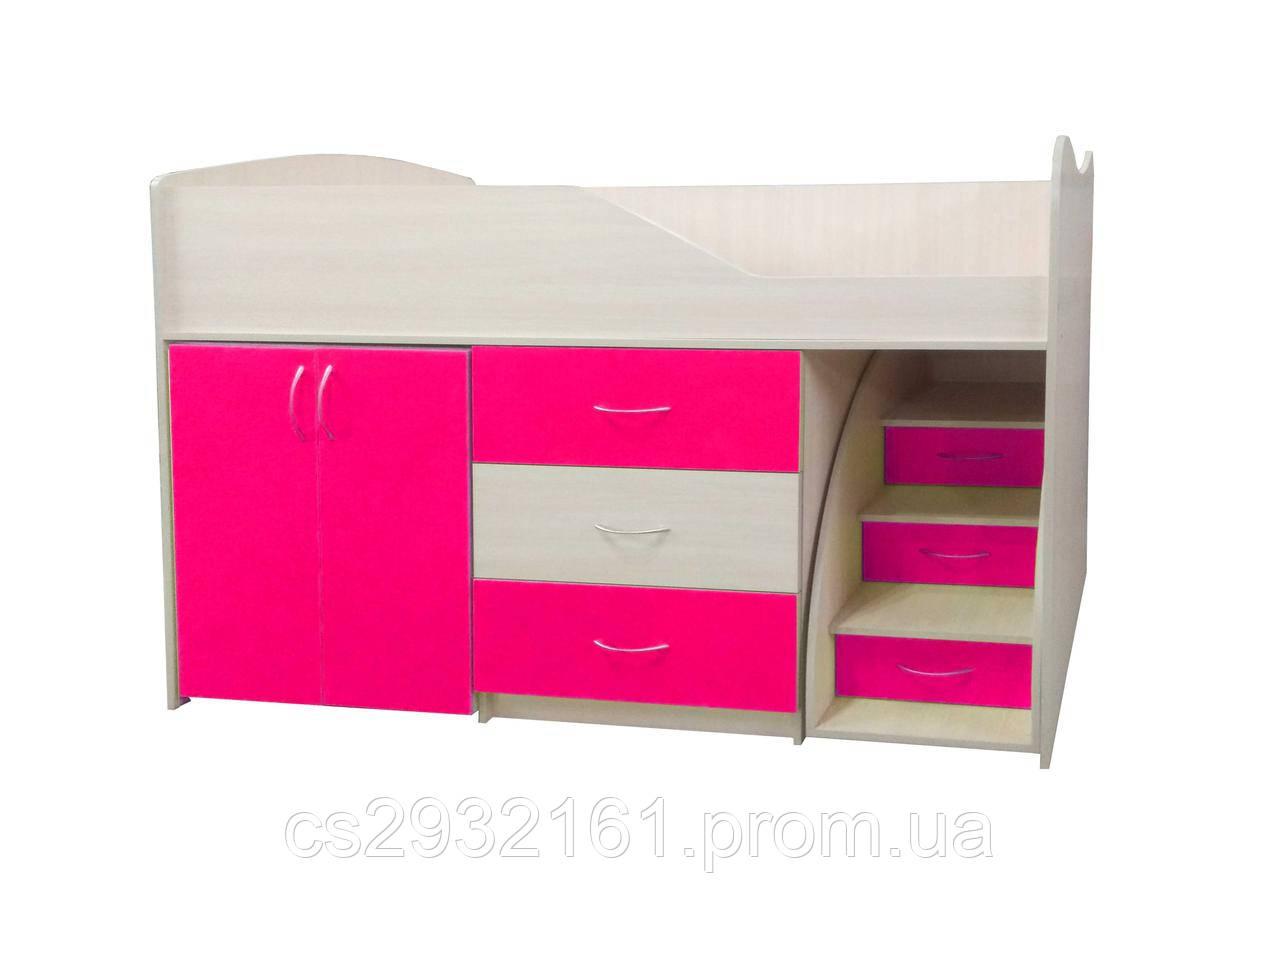 Кровать чердак Смайл  Кровать детская. БЕСПЛАТНО доставка!!!! БЕЗ СТОЛА